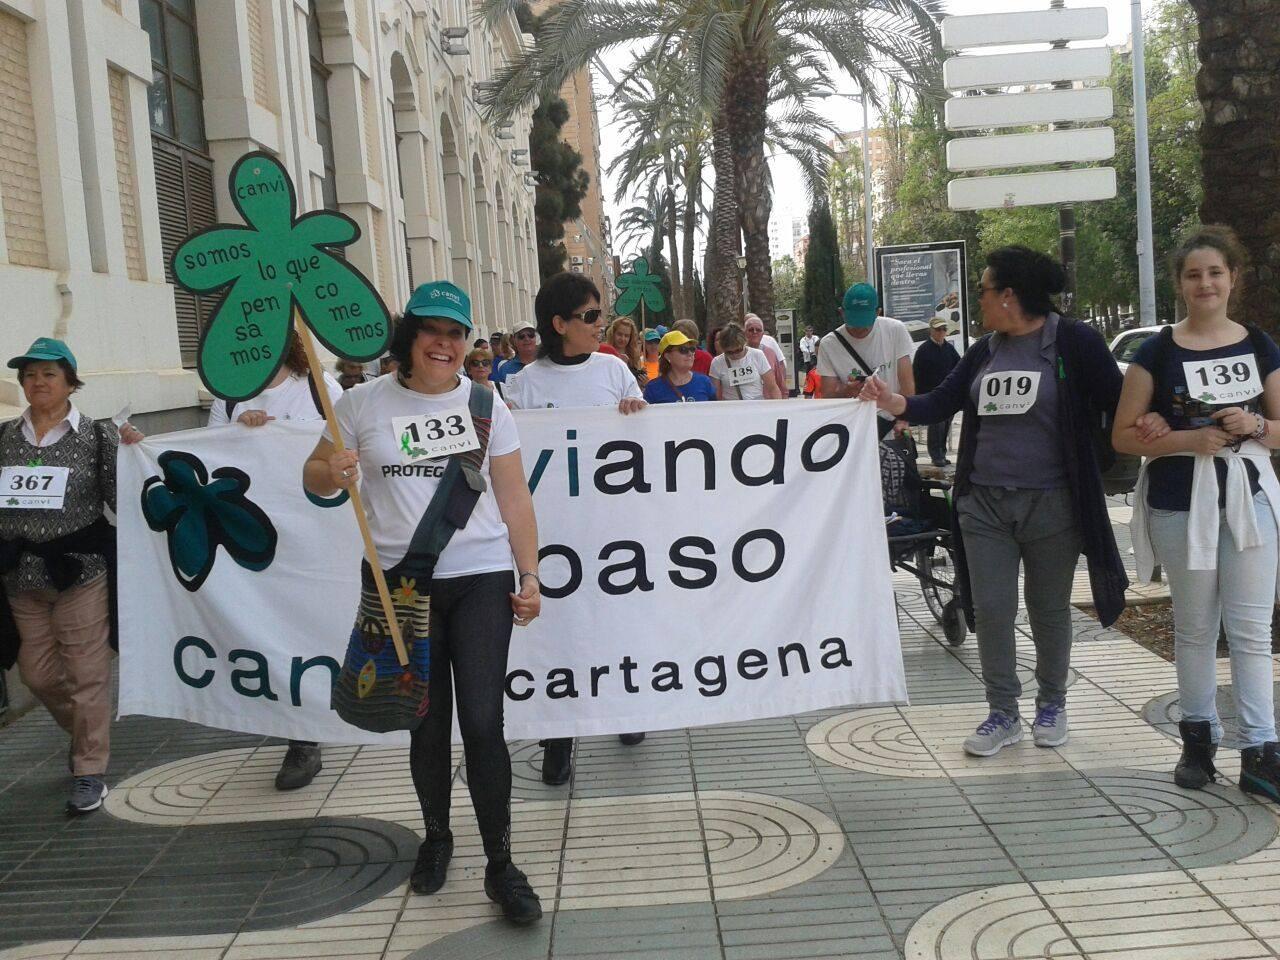 Canvi Cartagena